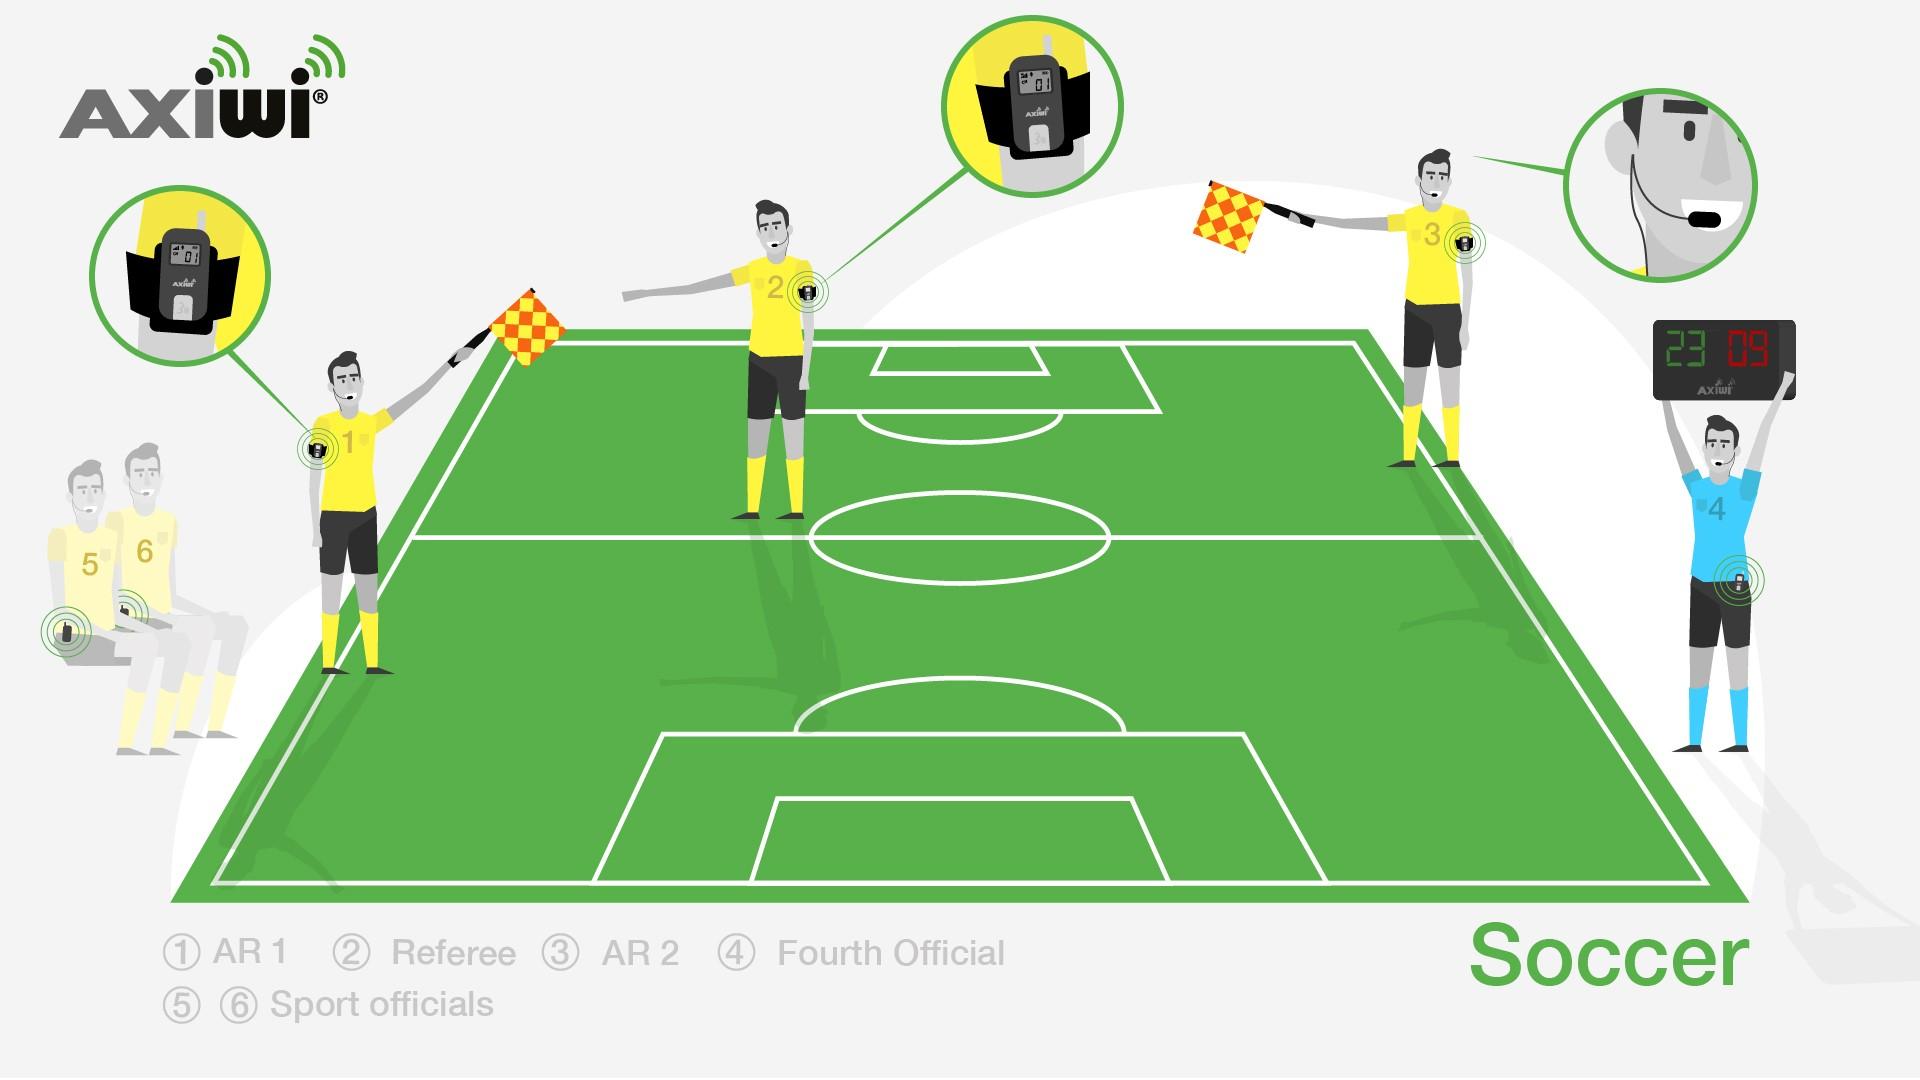 axiwi-scheidsrechter-communicatie-systeem-voetbal